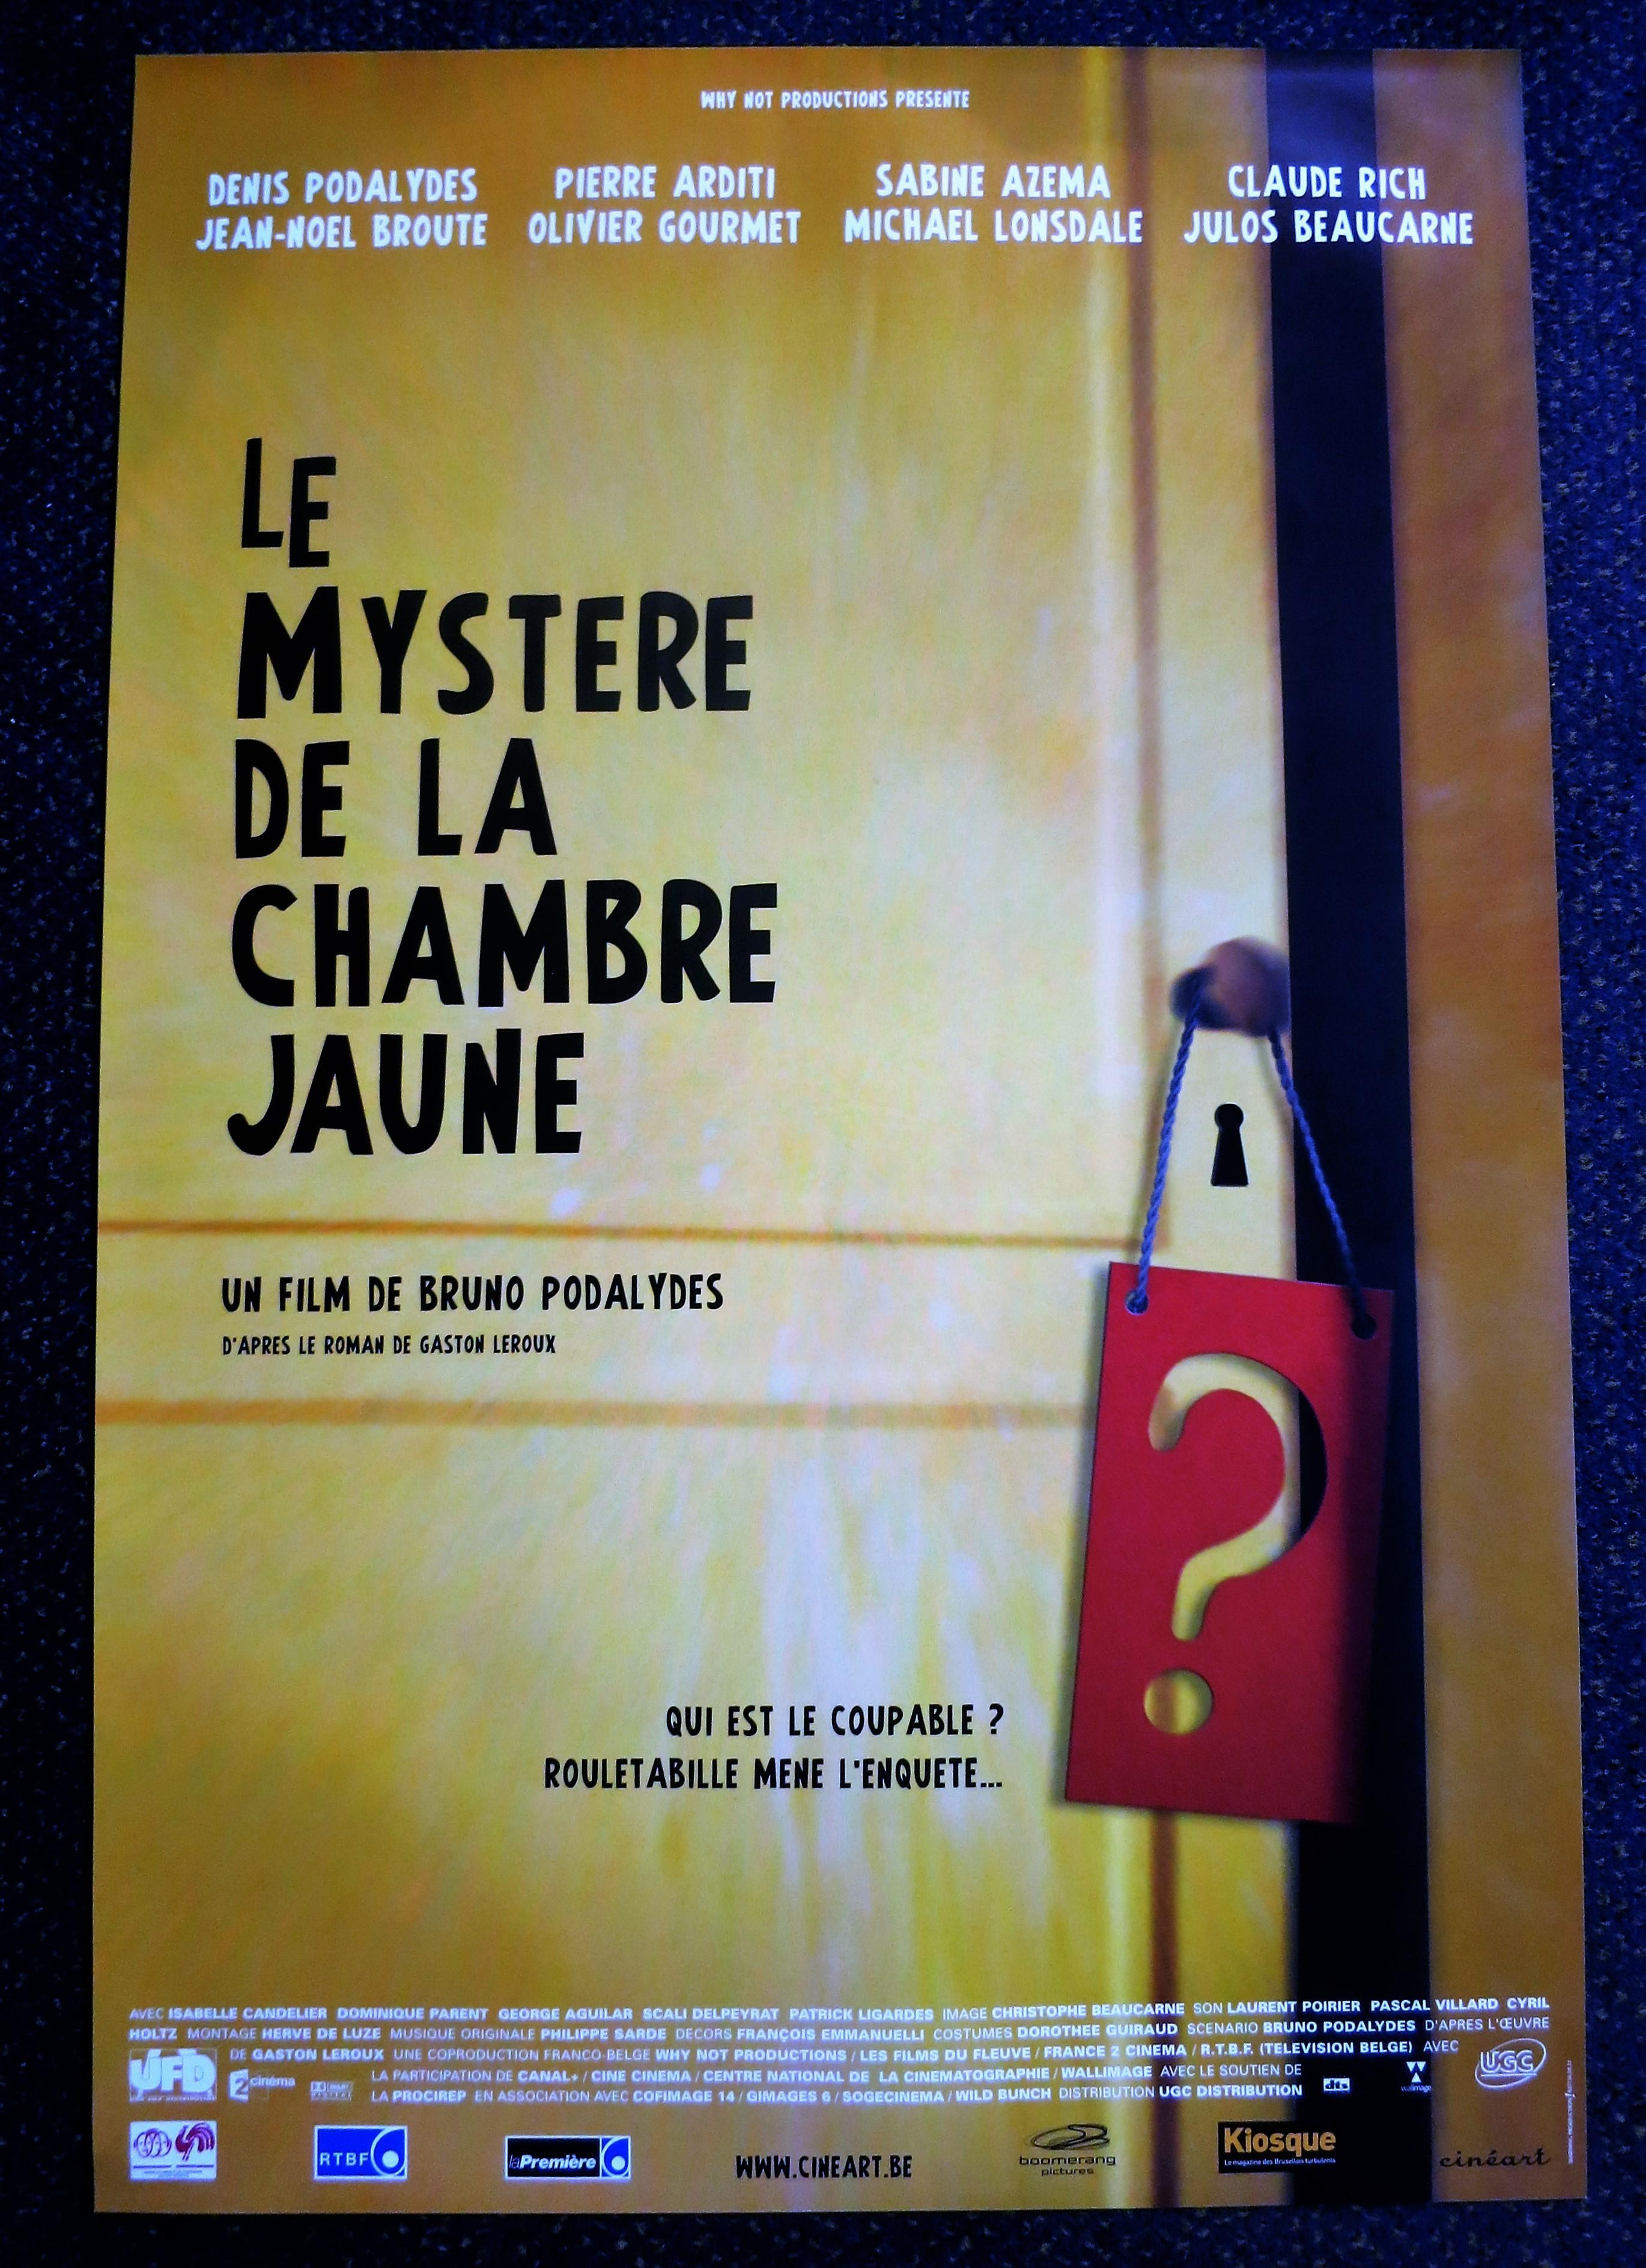 MYSTERE DE LA CHAMBRE JAUNE Belgian Movie Poster Store